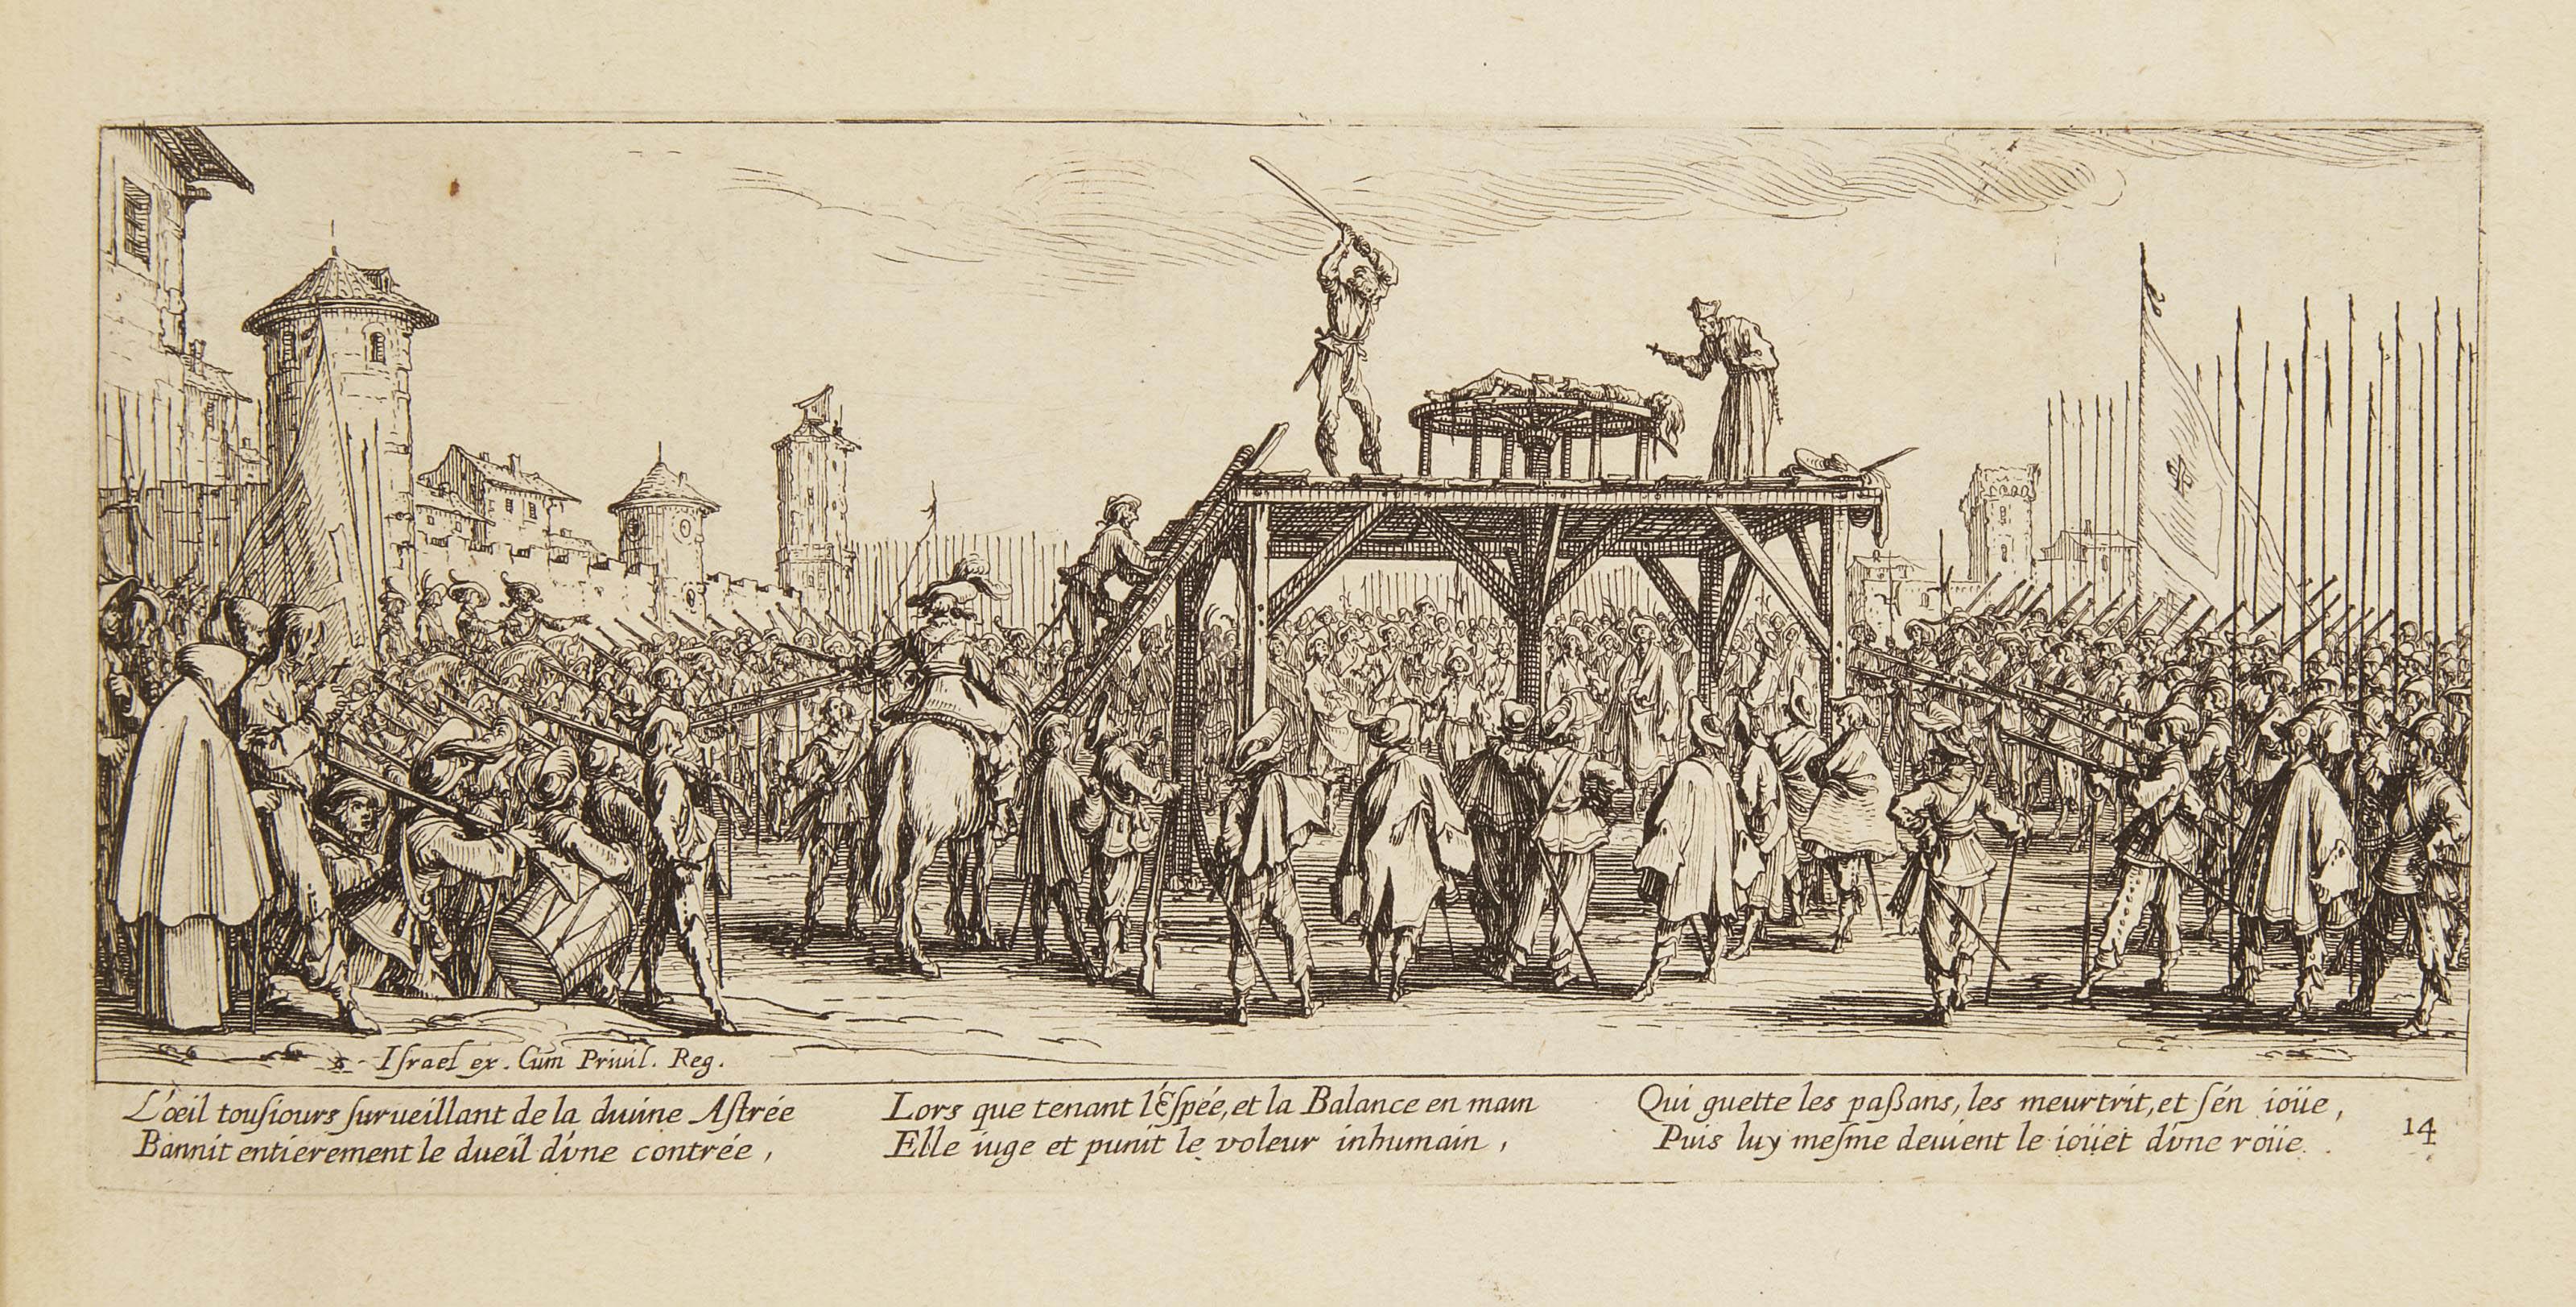 CALLOT, Jacques (1592-1635). Les Misères et les malheurs de la guerre... Mis en lumière par Israel son amy. Paris: 1633.